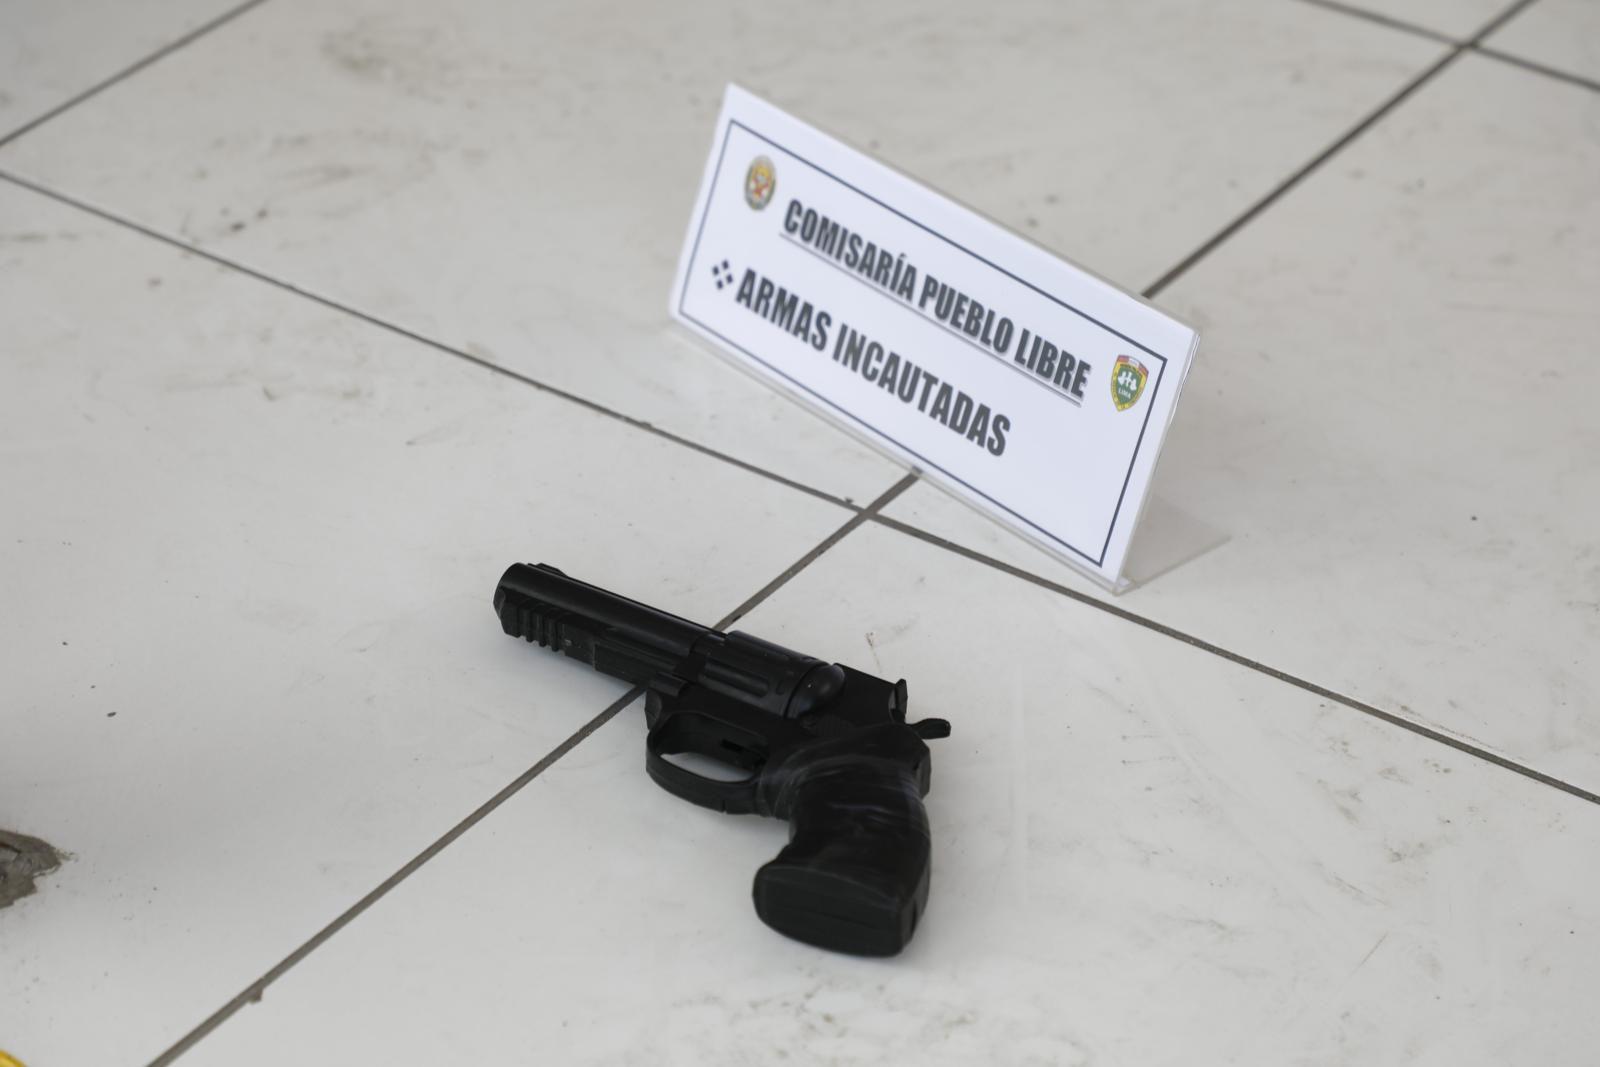 Arma incautada. | Foto: Eduardo Cavero